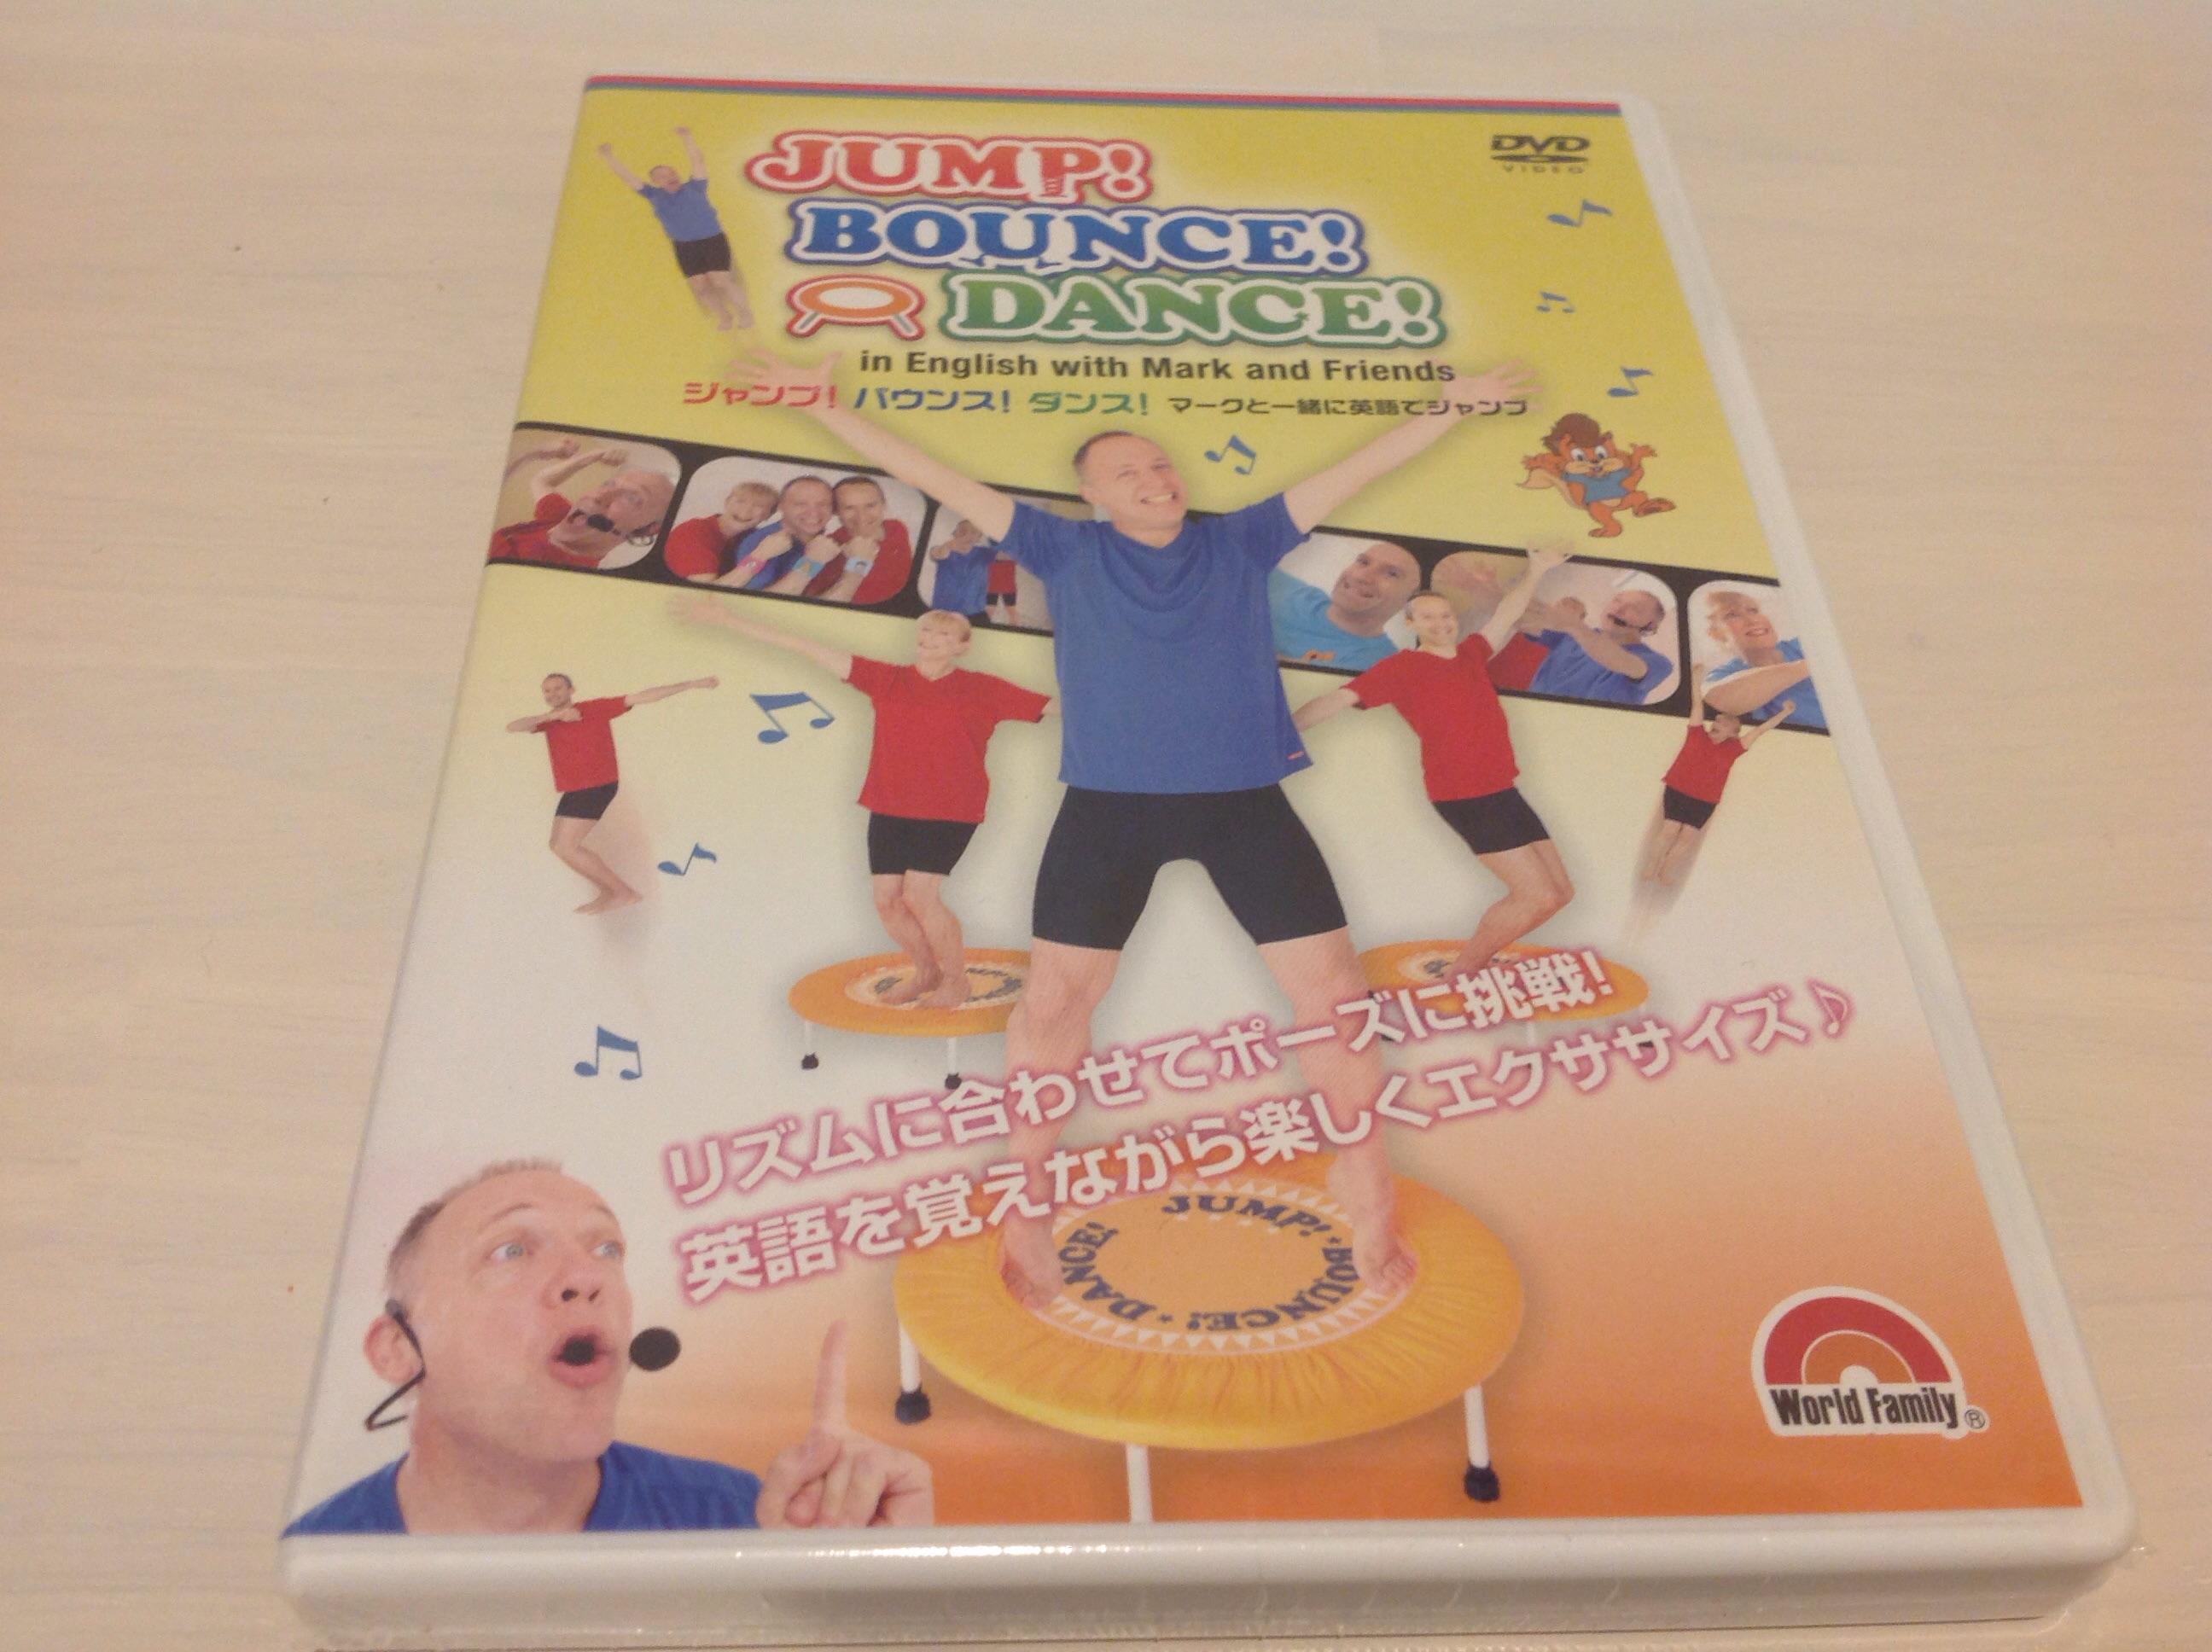 ディズニー英語システムのJUMP!BOUNCE!DANCE!のDVDを買ってみた。